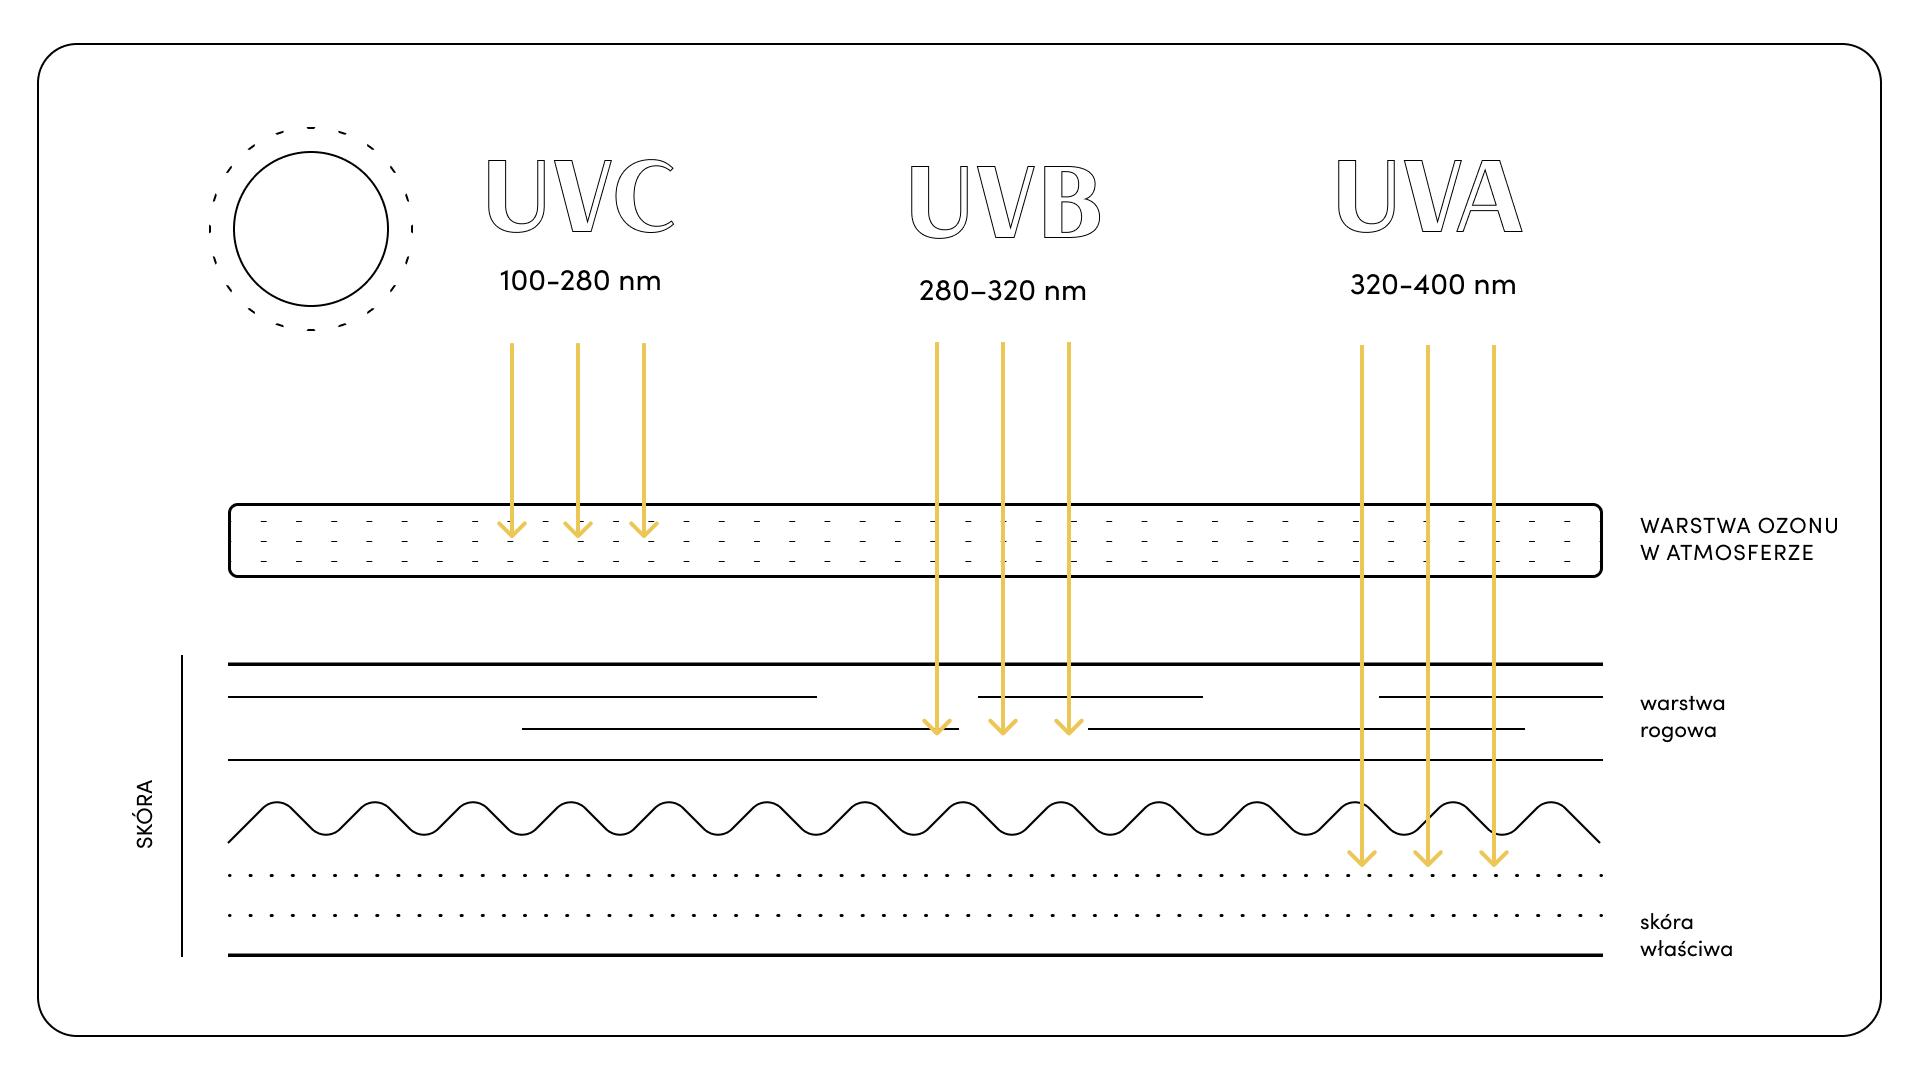 Promieniowanie UV i jego wpływ na skórę